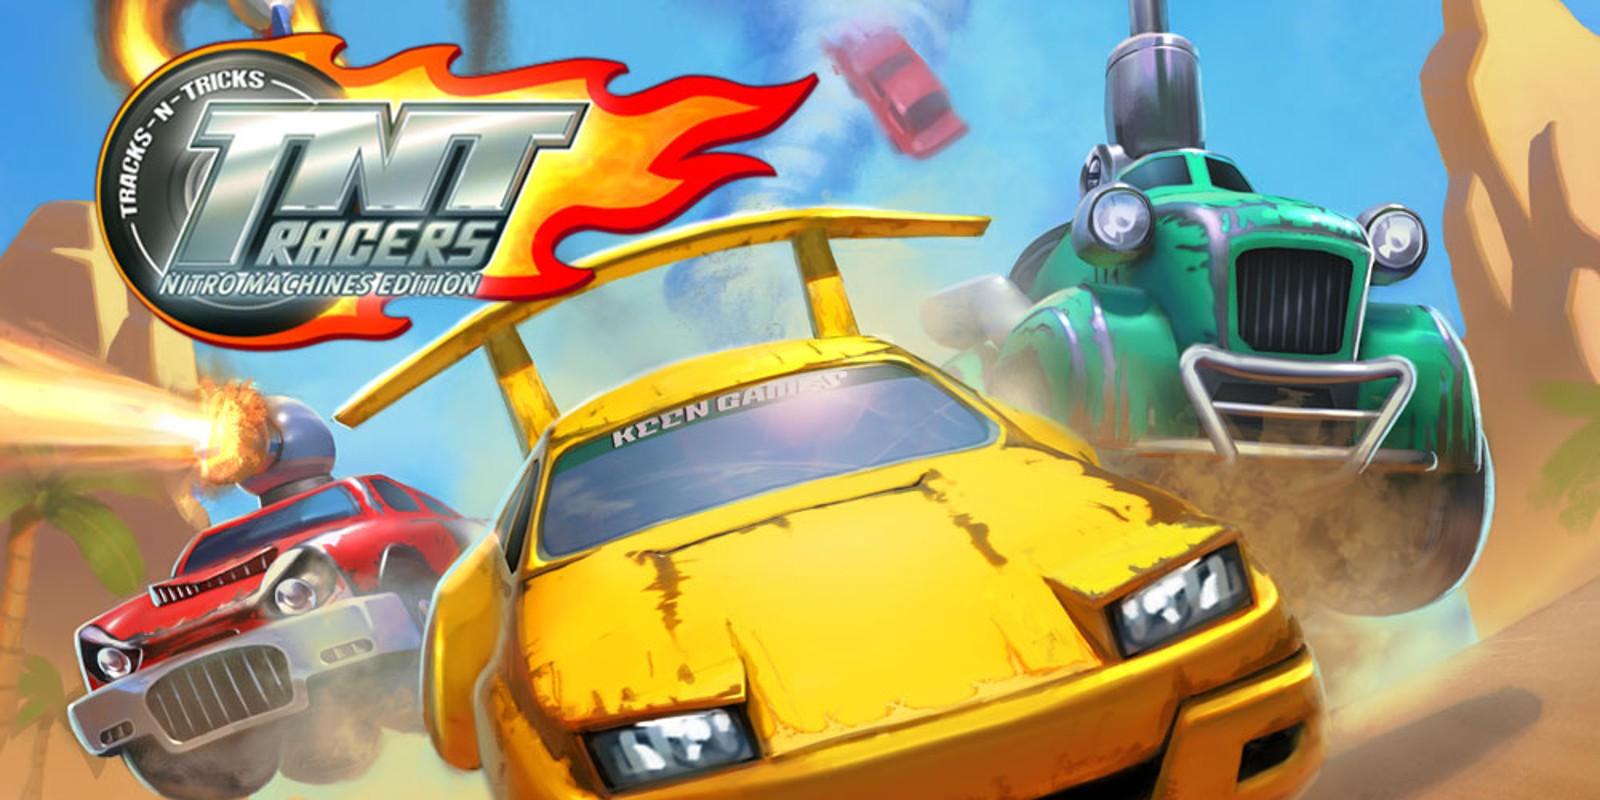 TNT Racer